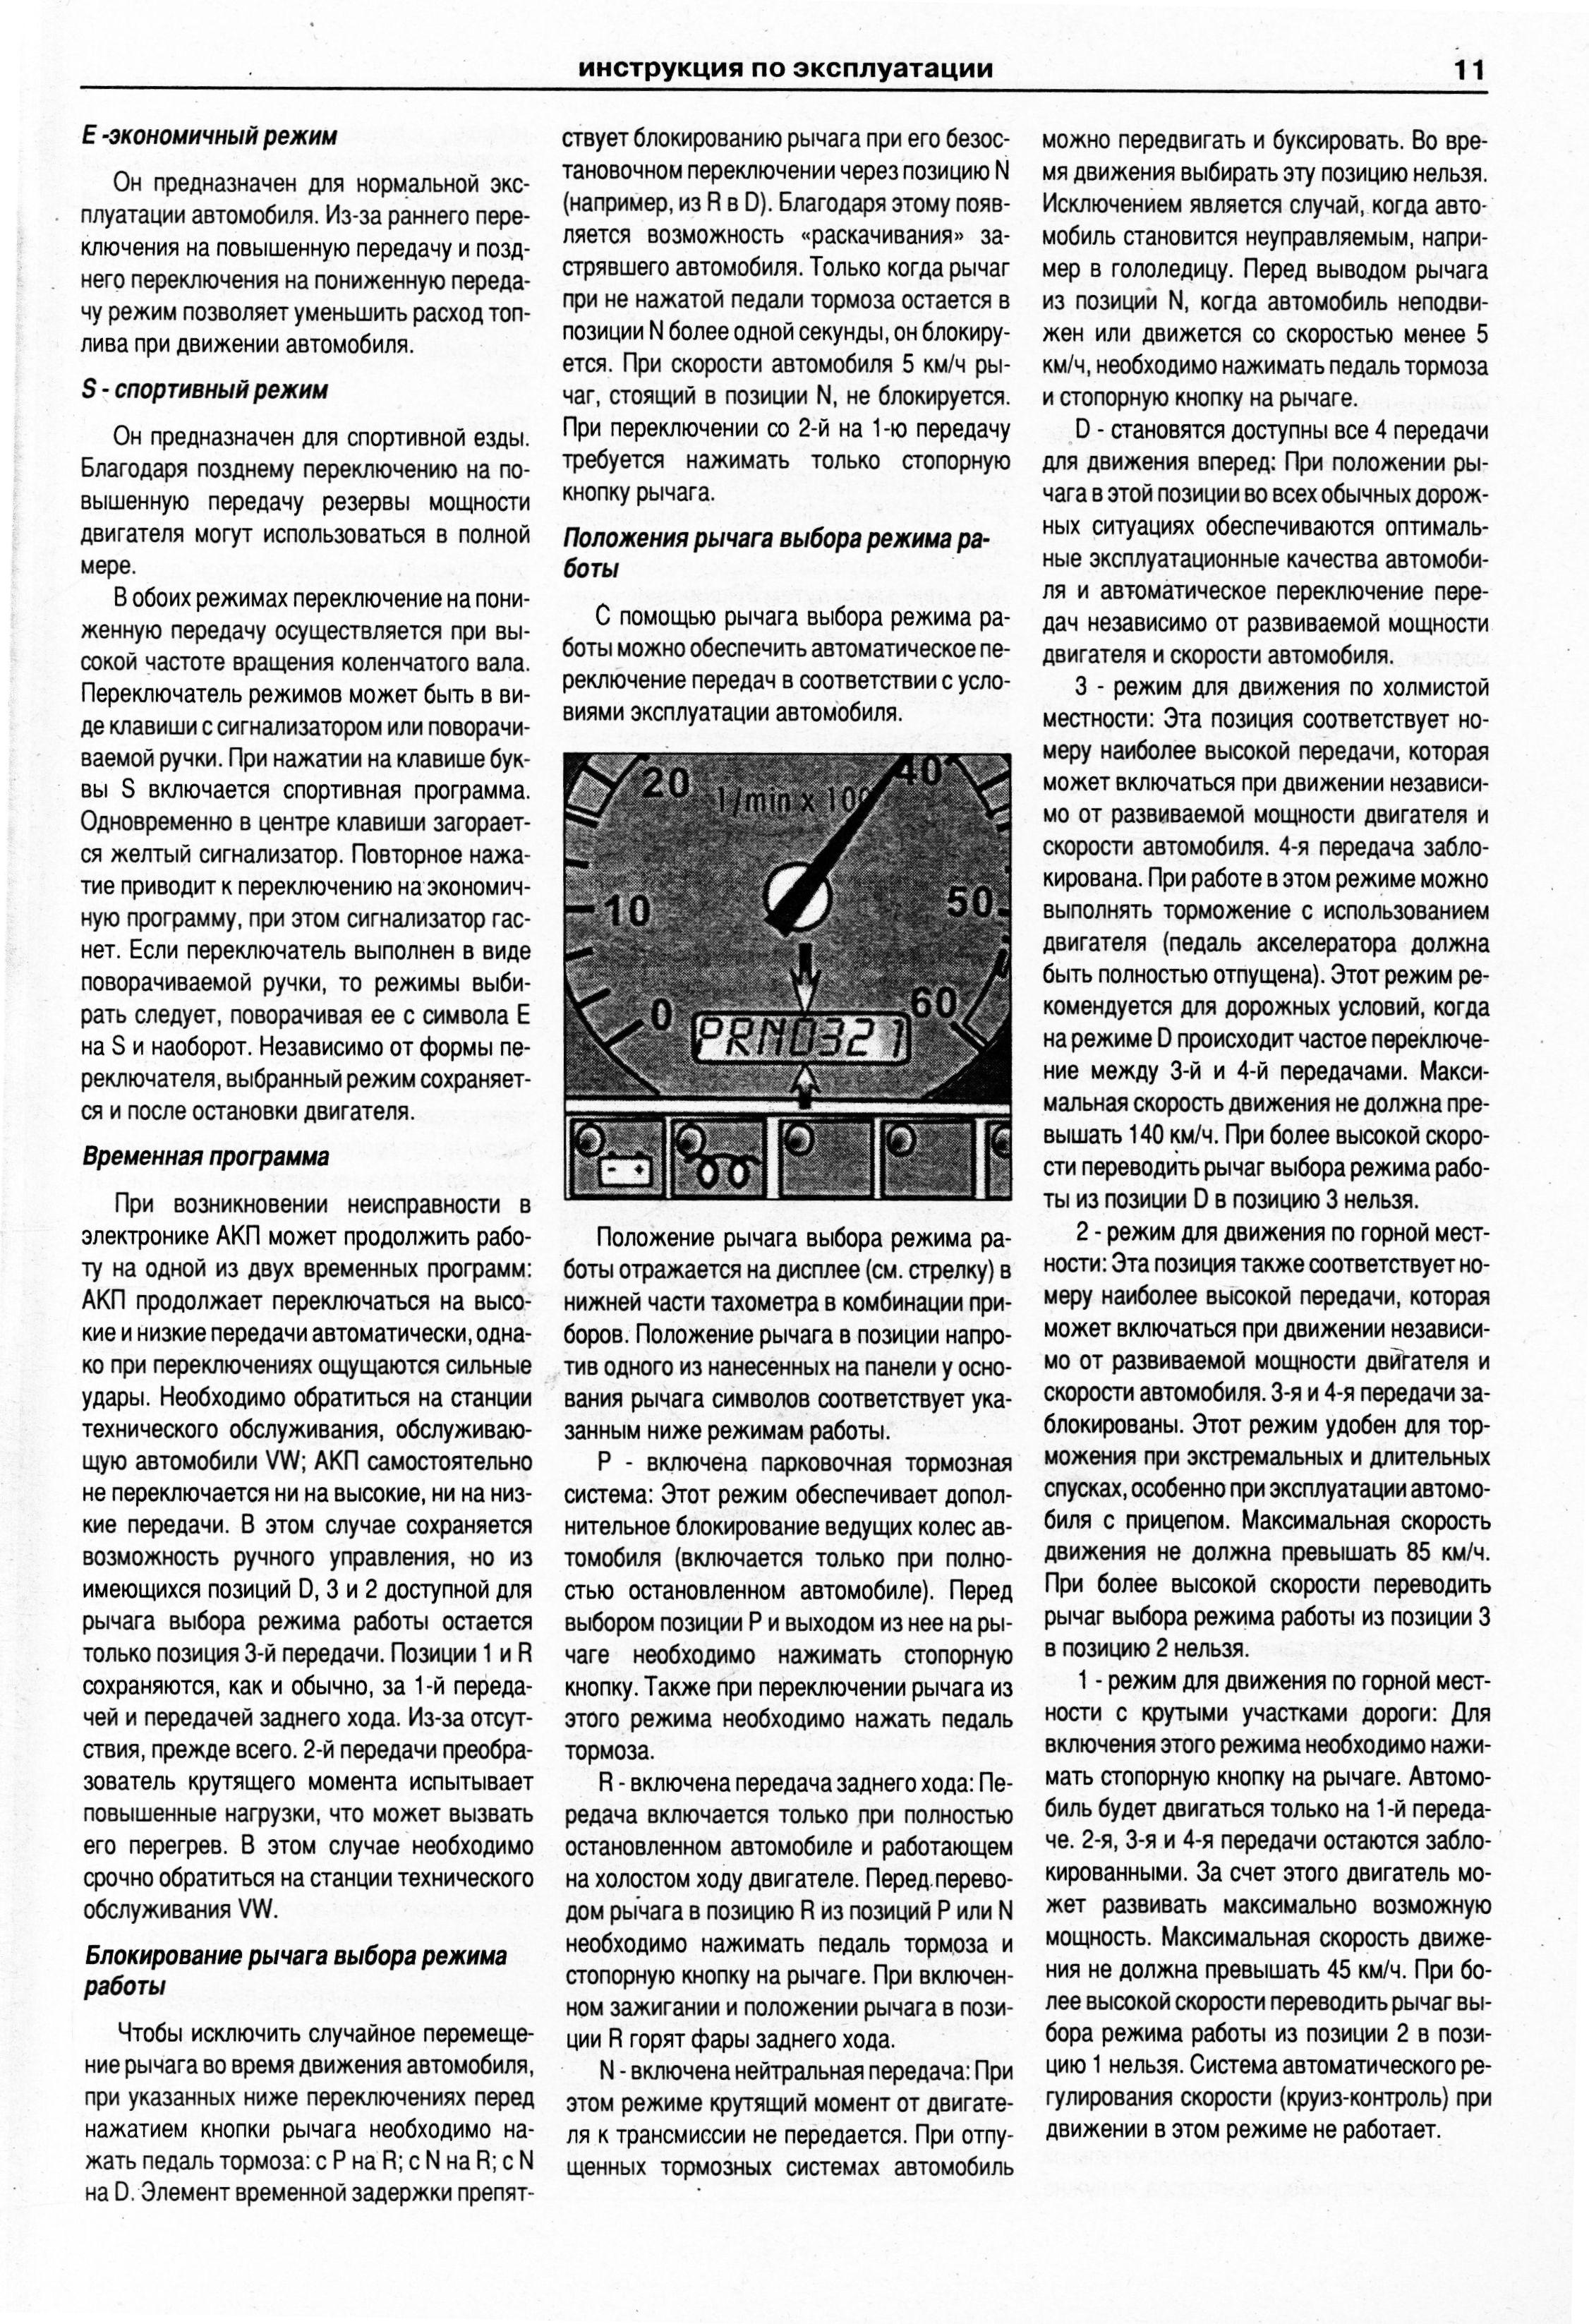 инструкция по эксплуатации фольксваген т5 мультивен